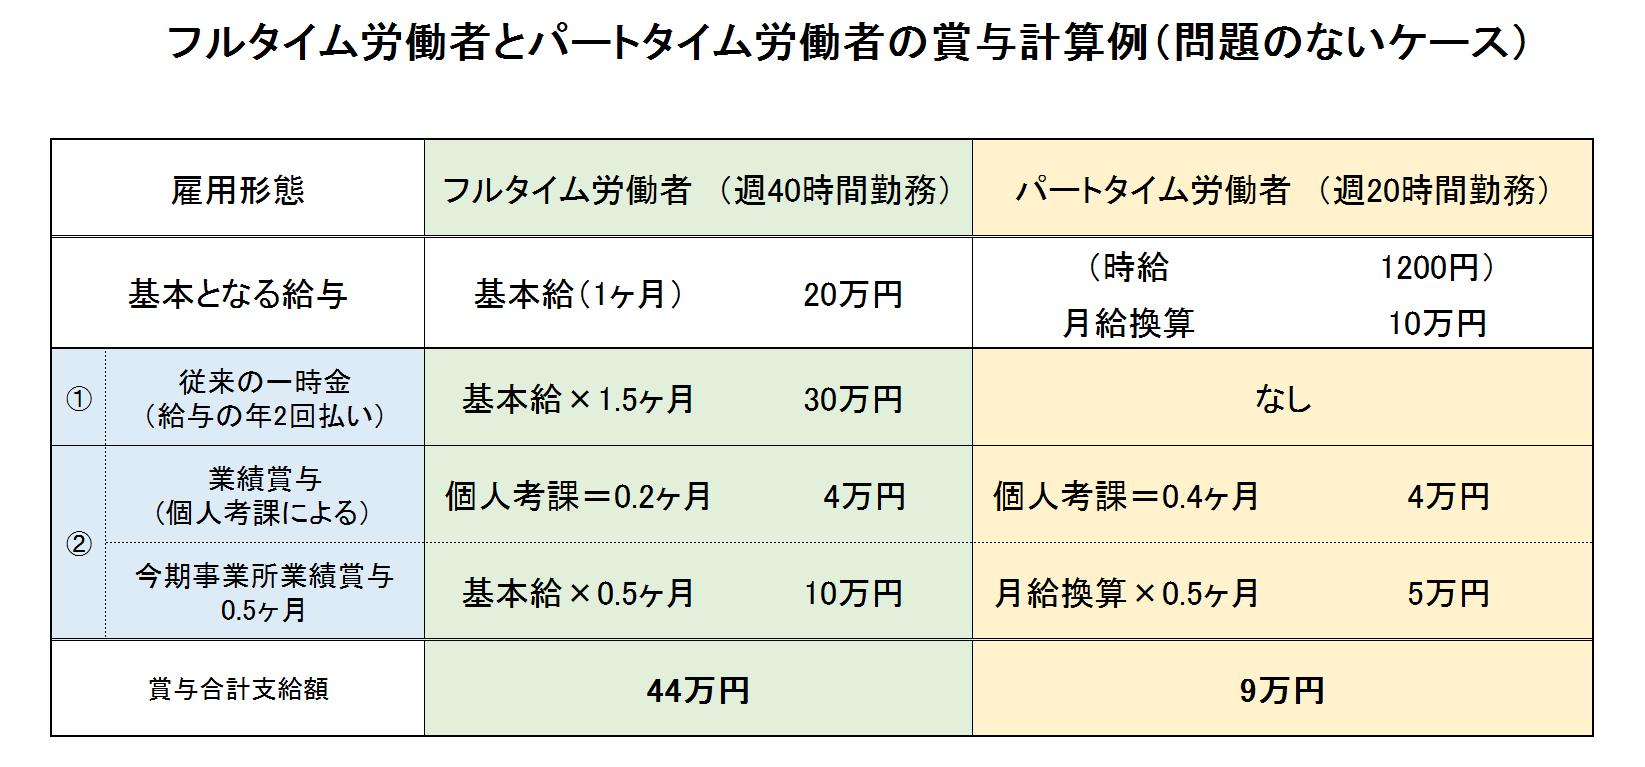 フルタイム労働者とパートタイム労働者の賞与計算例